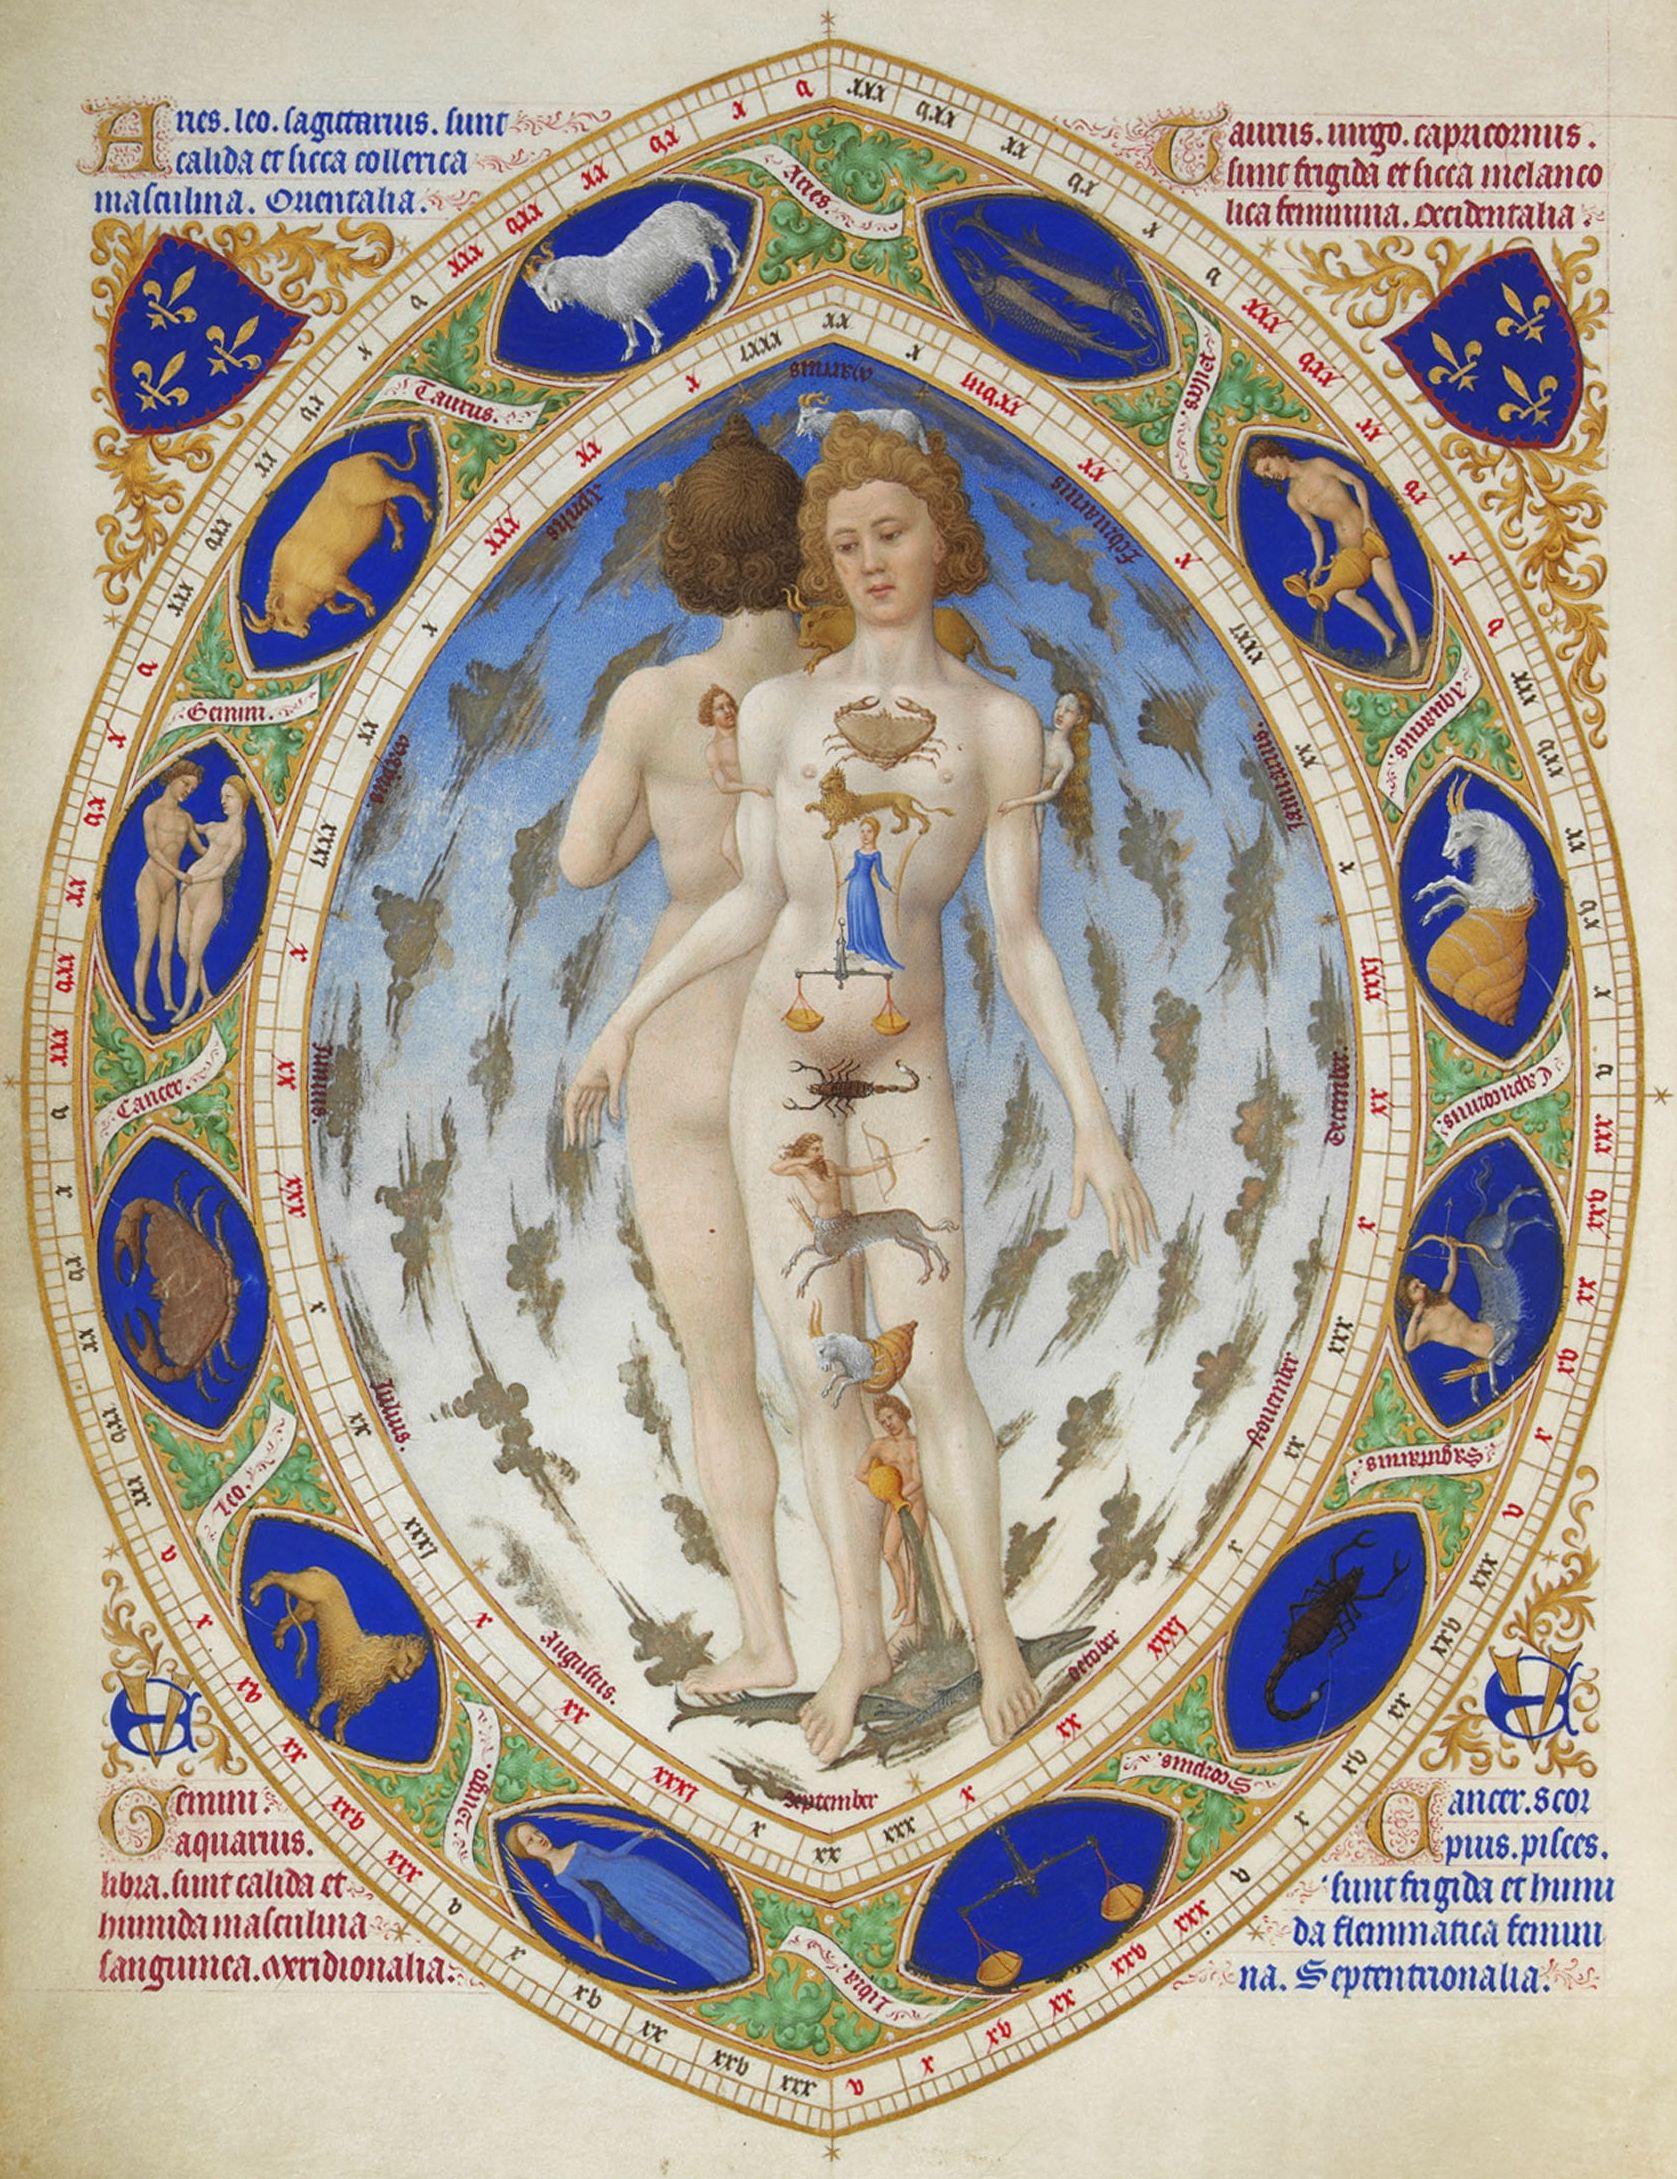 Homo Signorum Anatomical Man